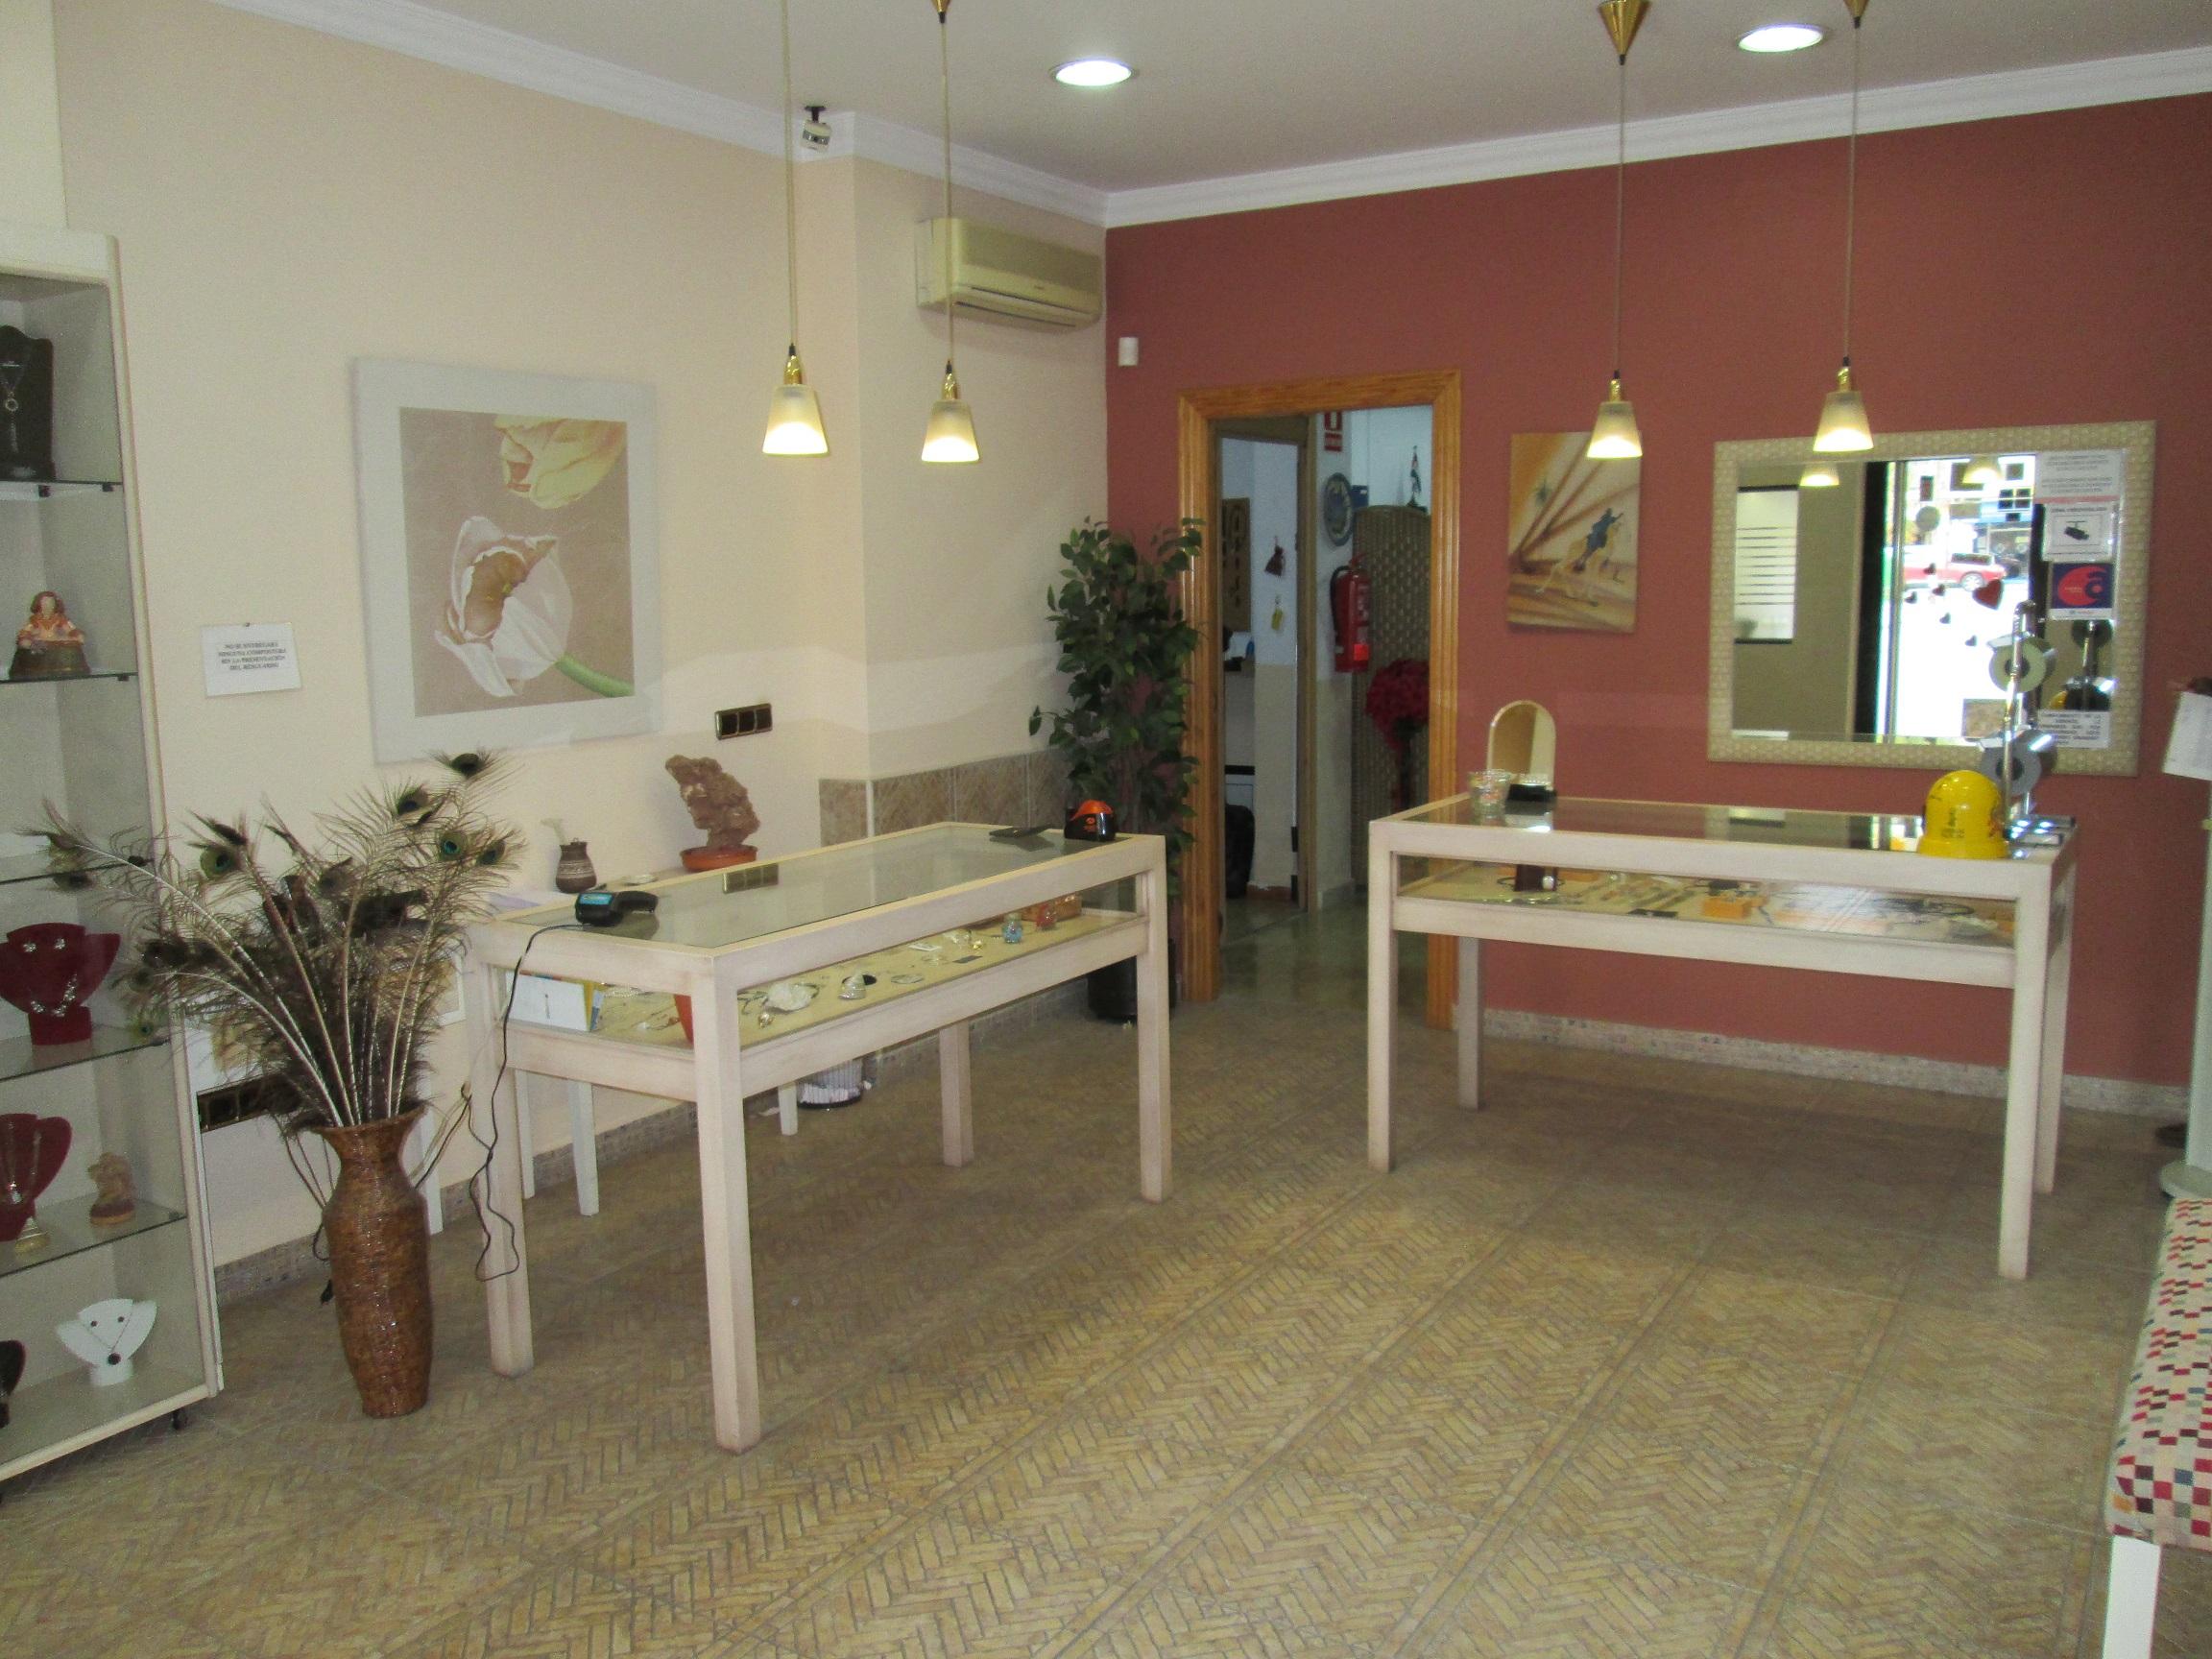 Joyeria garrido ayuntamiento de xirivella directorio for Recogida muebles ayuntamiento valencia